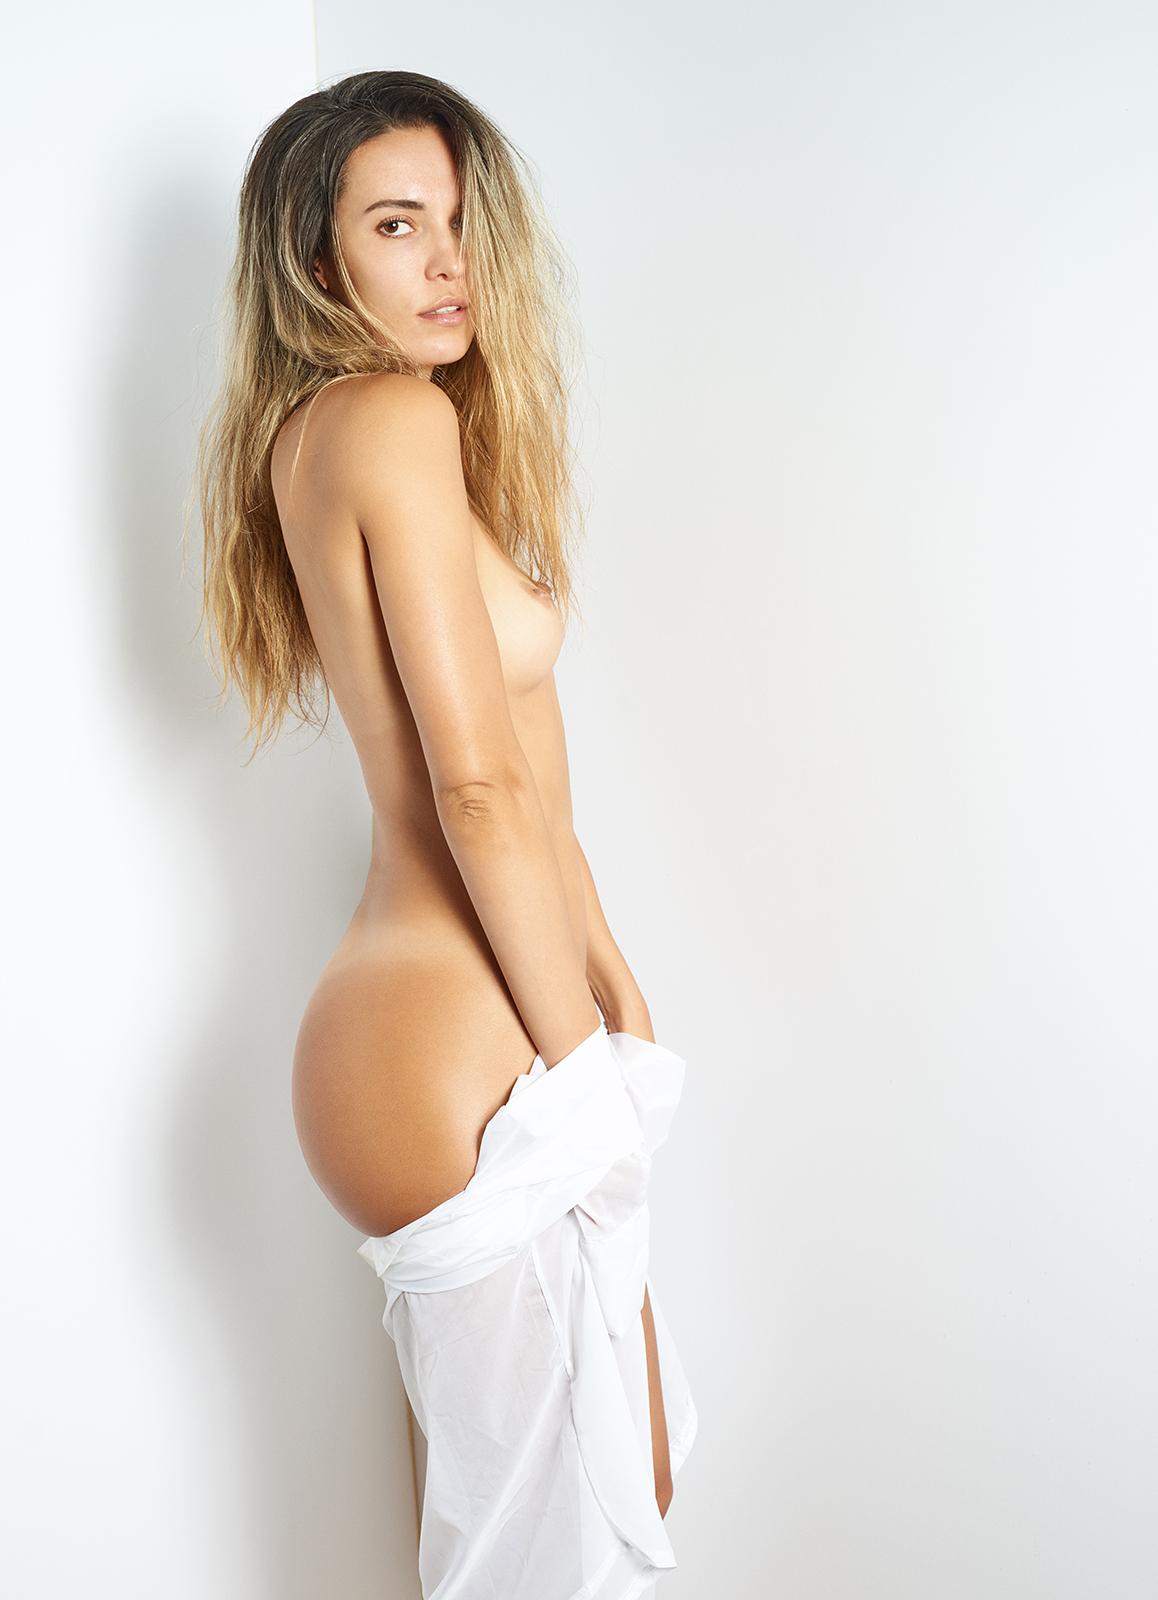 Emily Meyzinger - Michael Mel photoshoot